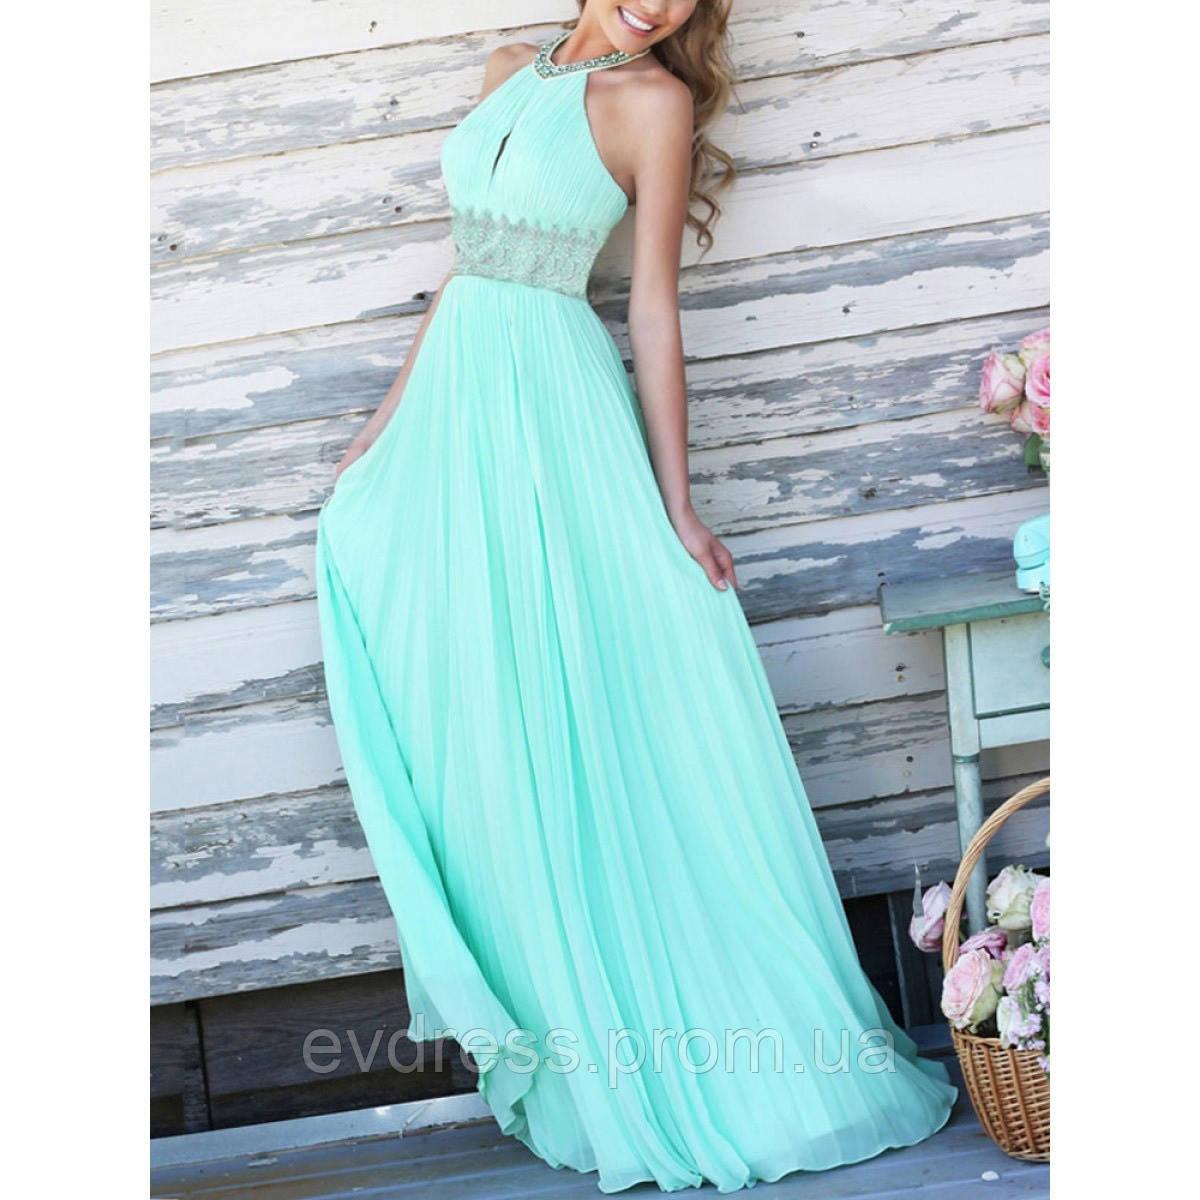 0fd4a029496 Вечерние длинные платья на выпускной 11 класс нежно мятного цвета DT-137305